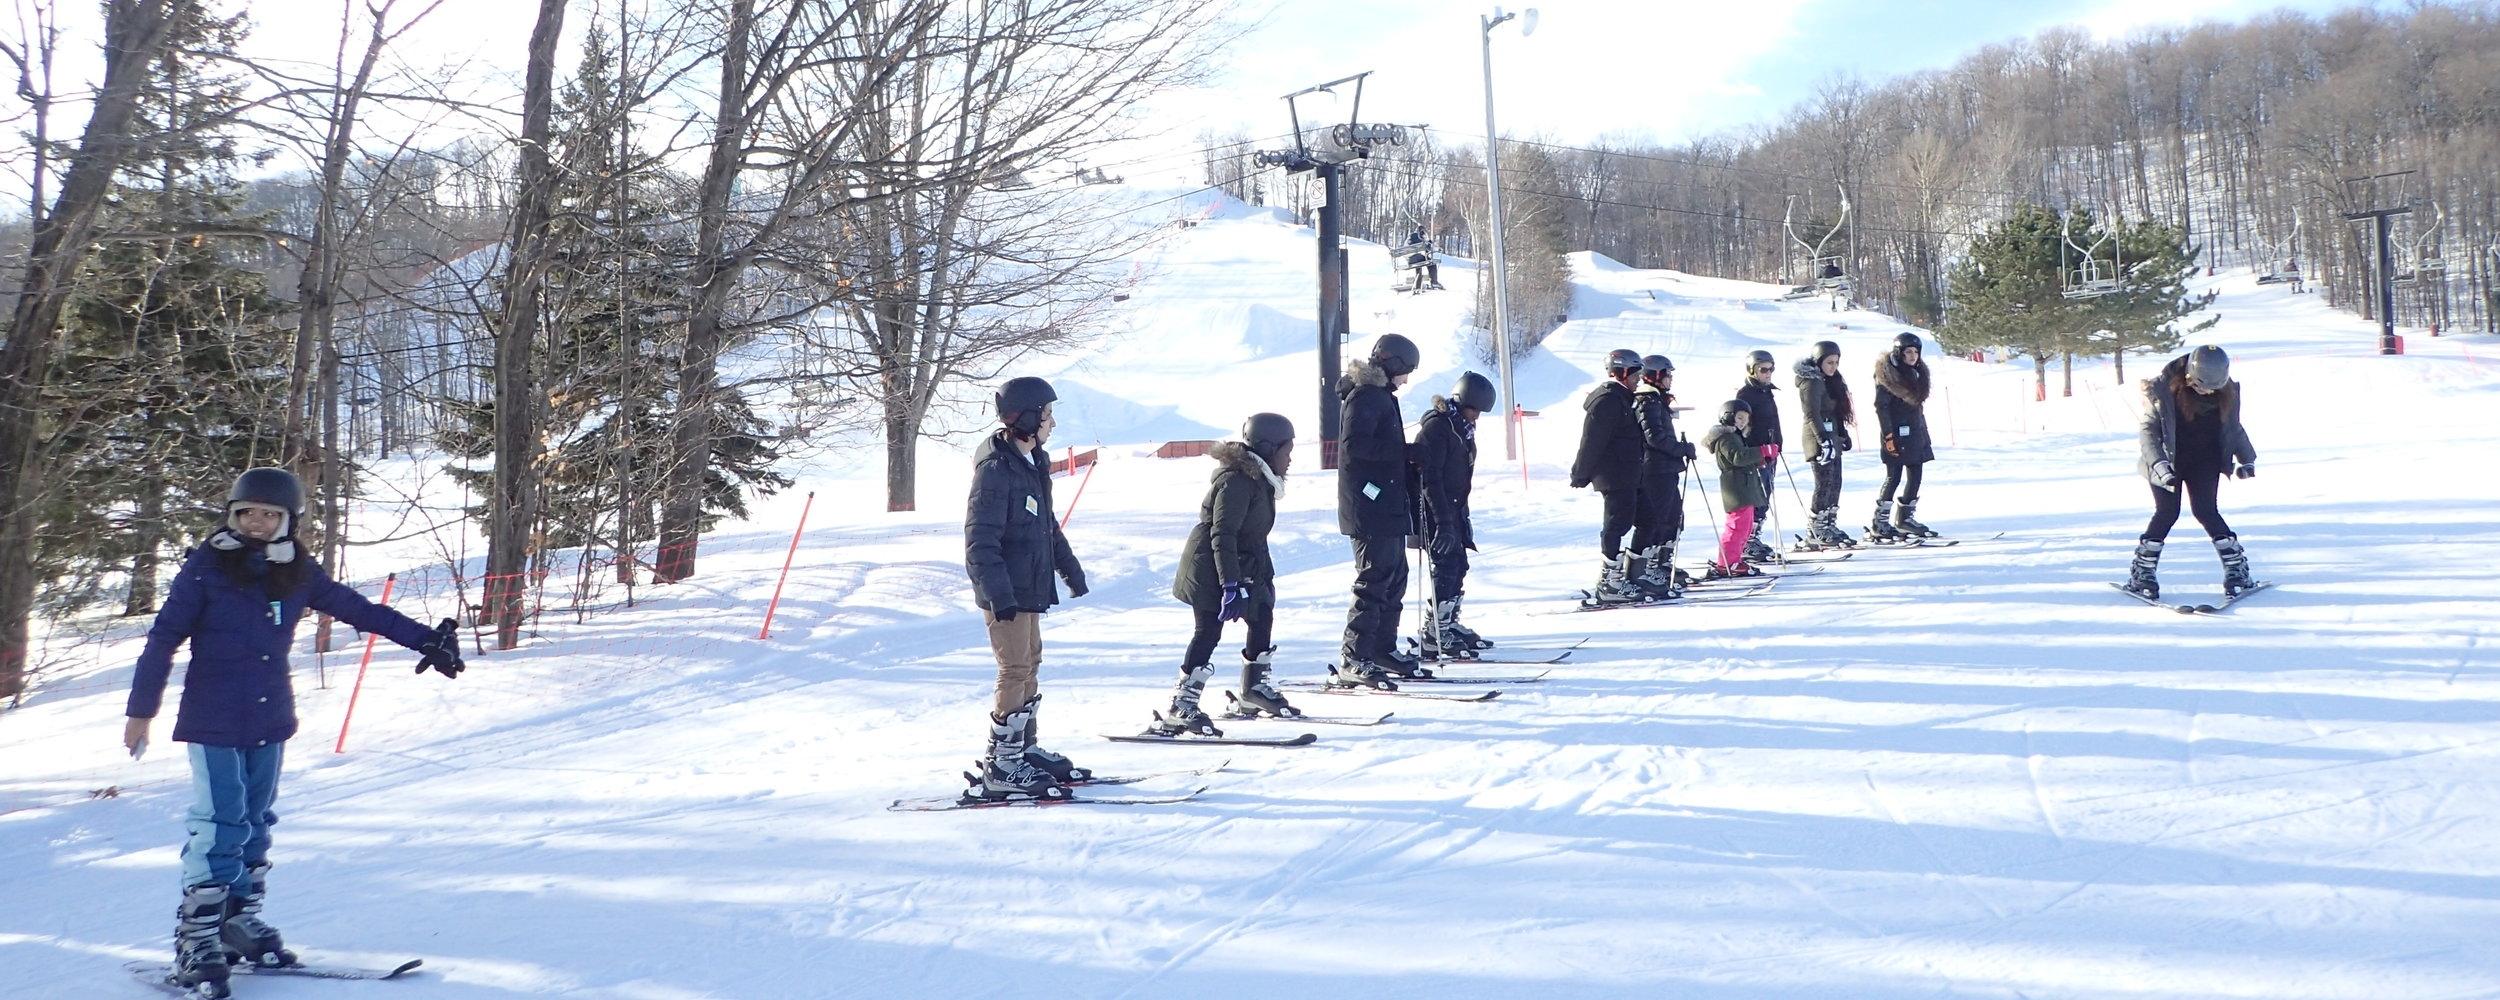 Skiing 2017 (2).jpg